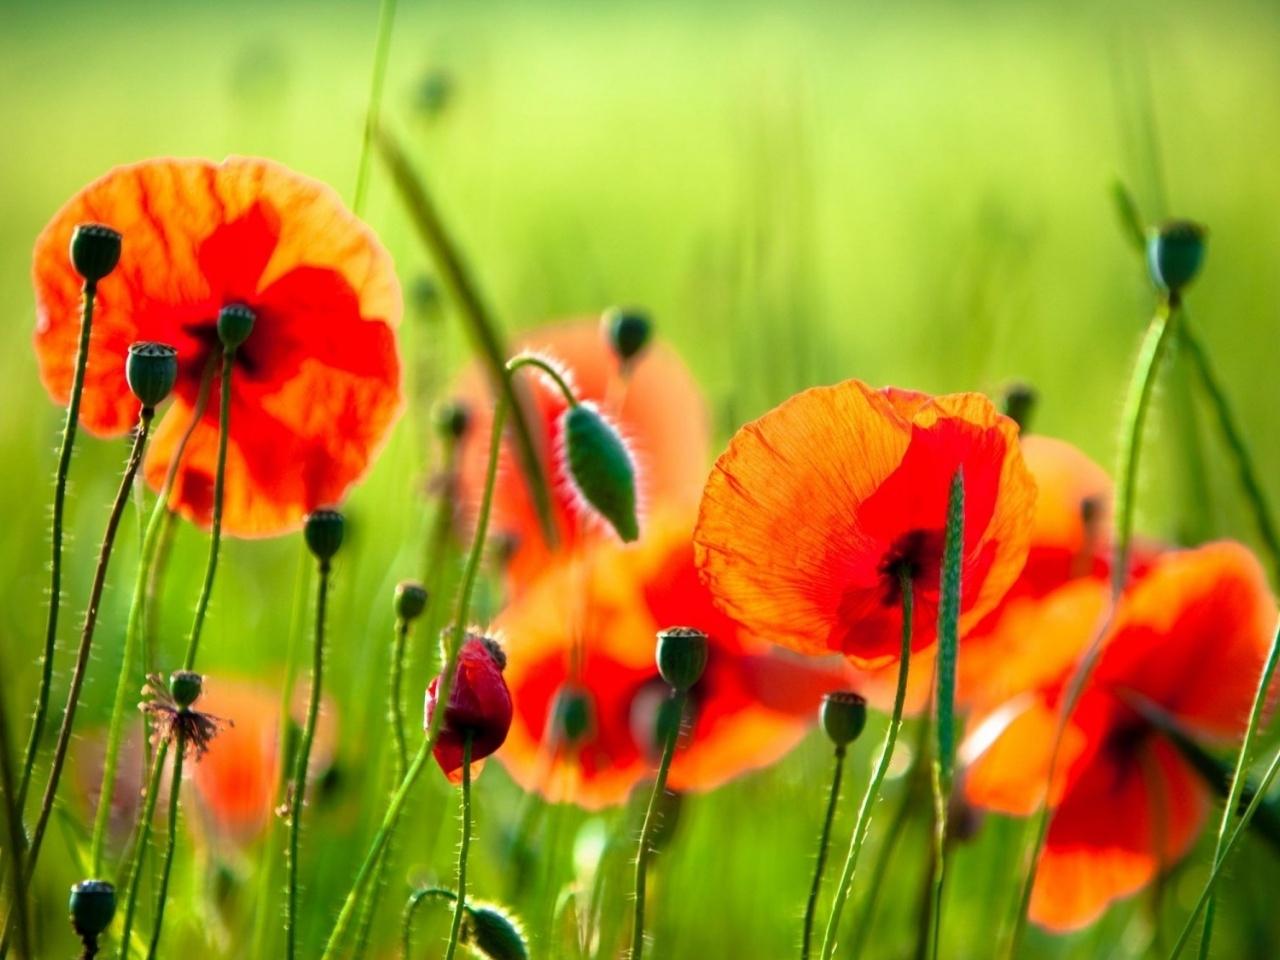 Скачать картинку Растения, Цветы, Маки в телефон бесплатно.